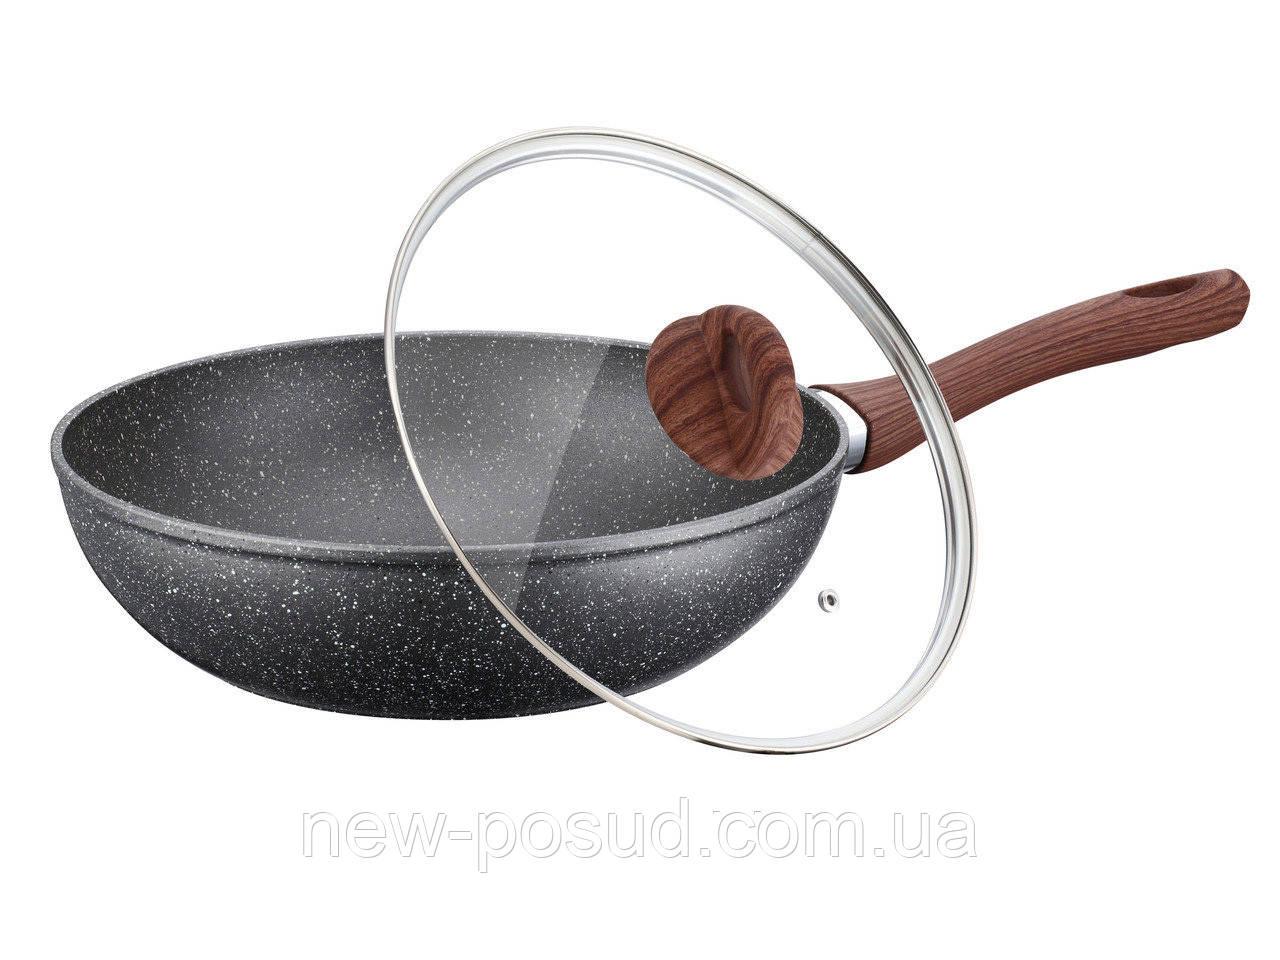 Сковорода-WOK с крышкой D 30 см Peterhof PH25325-30